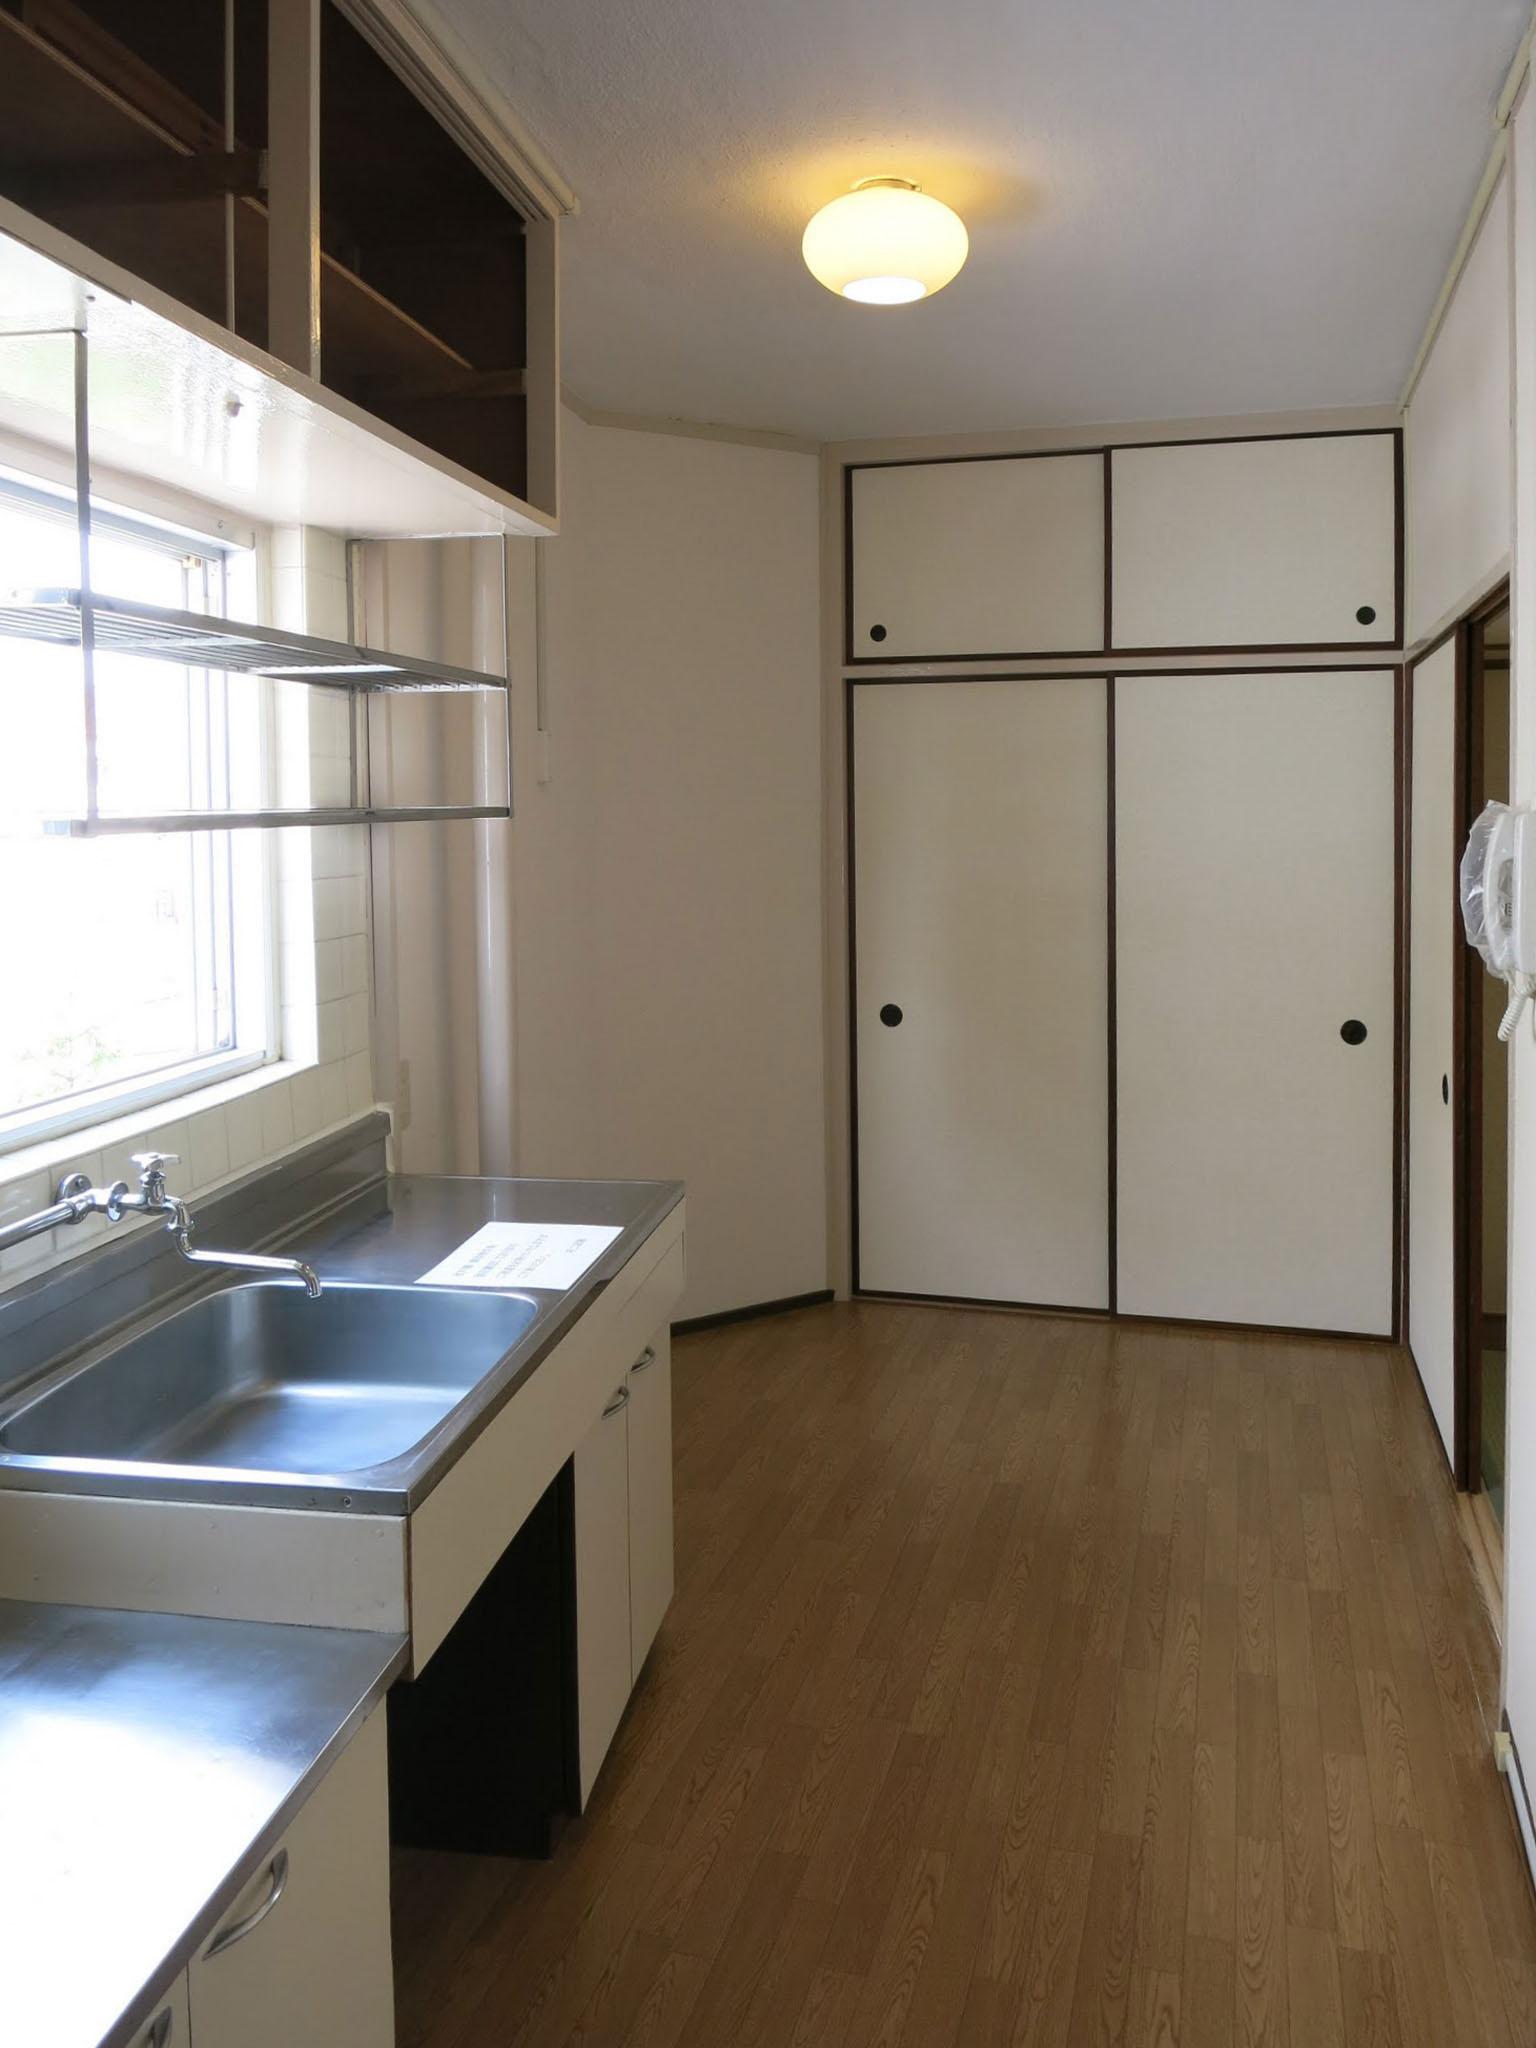 窓が多いところが団地のよいところ。台所にも窓がある。